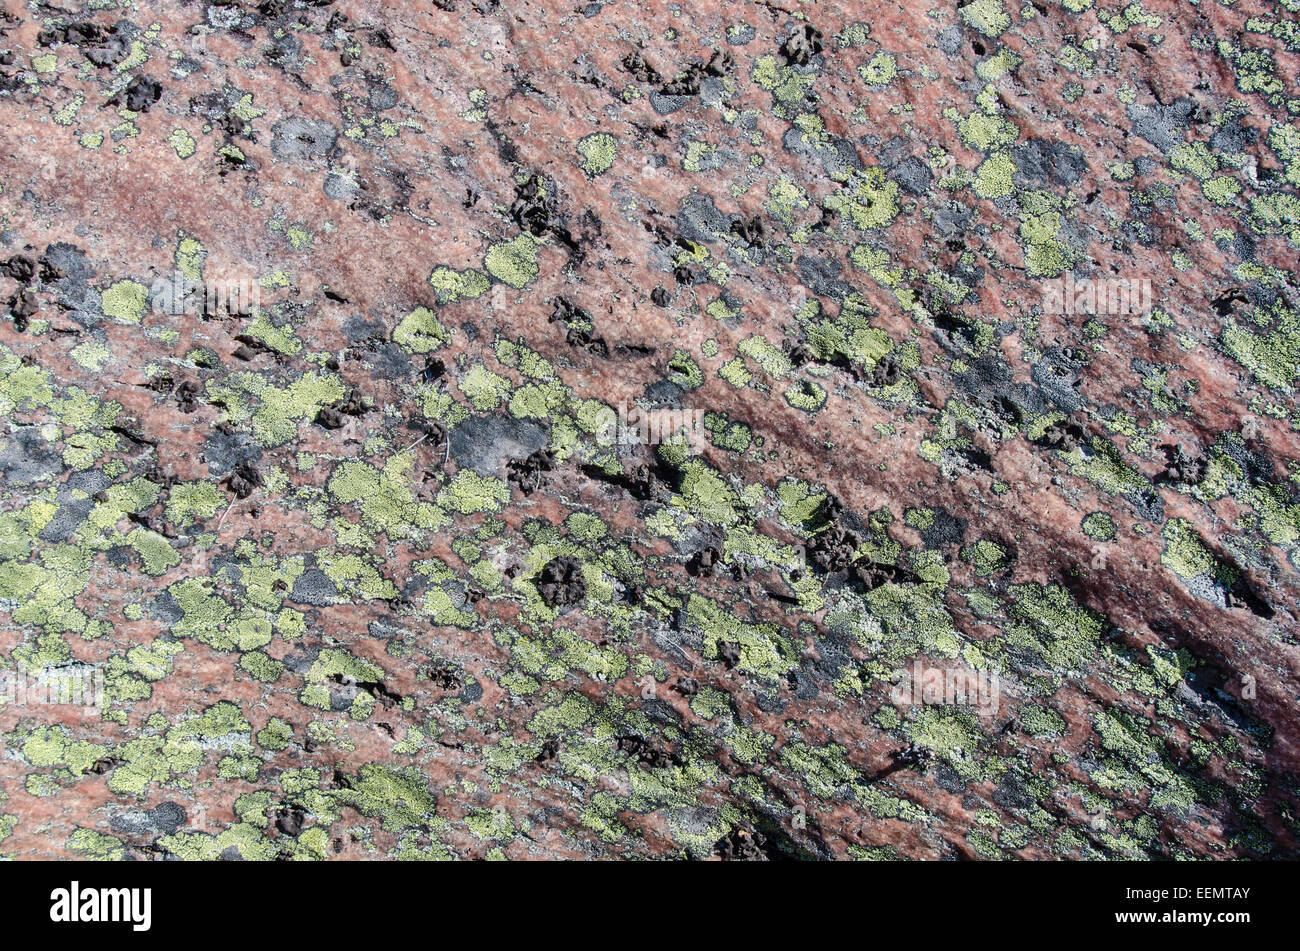 Flechten auf einem Felsen Finnskogen, Hedmark Fylke, Norwegen, April 2012 Stockbild